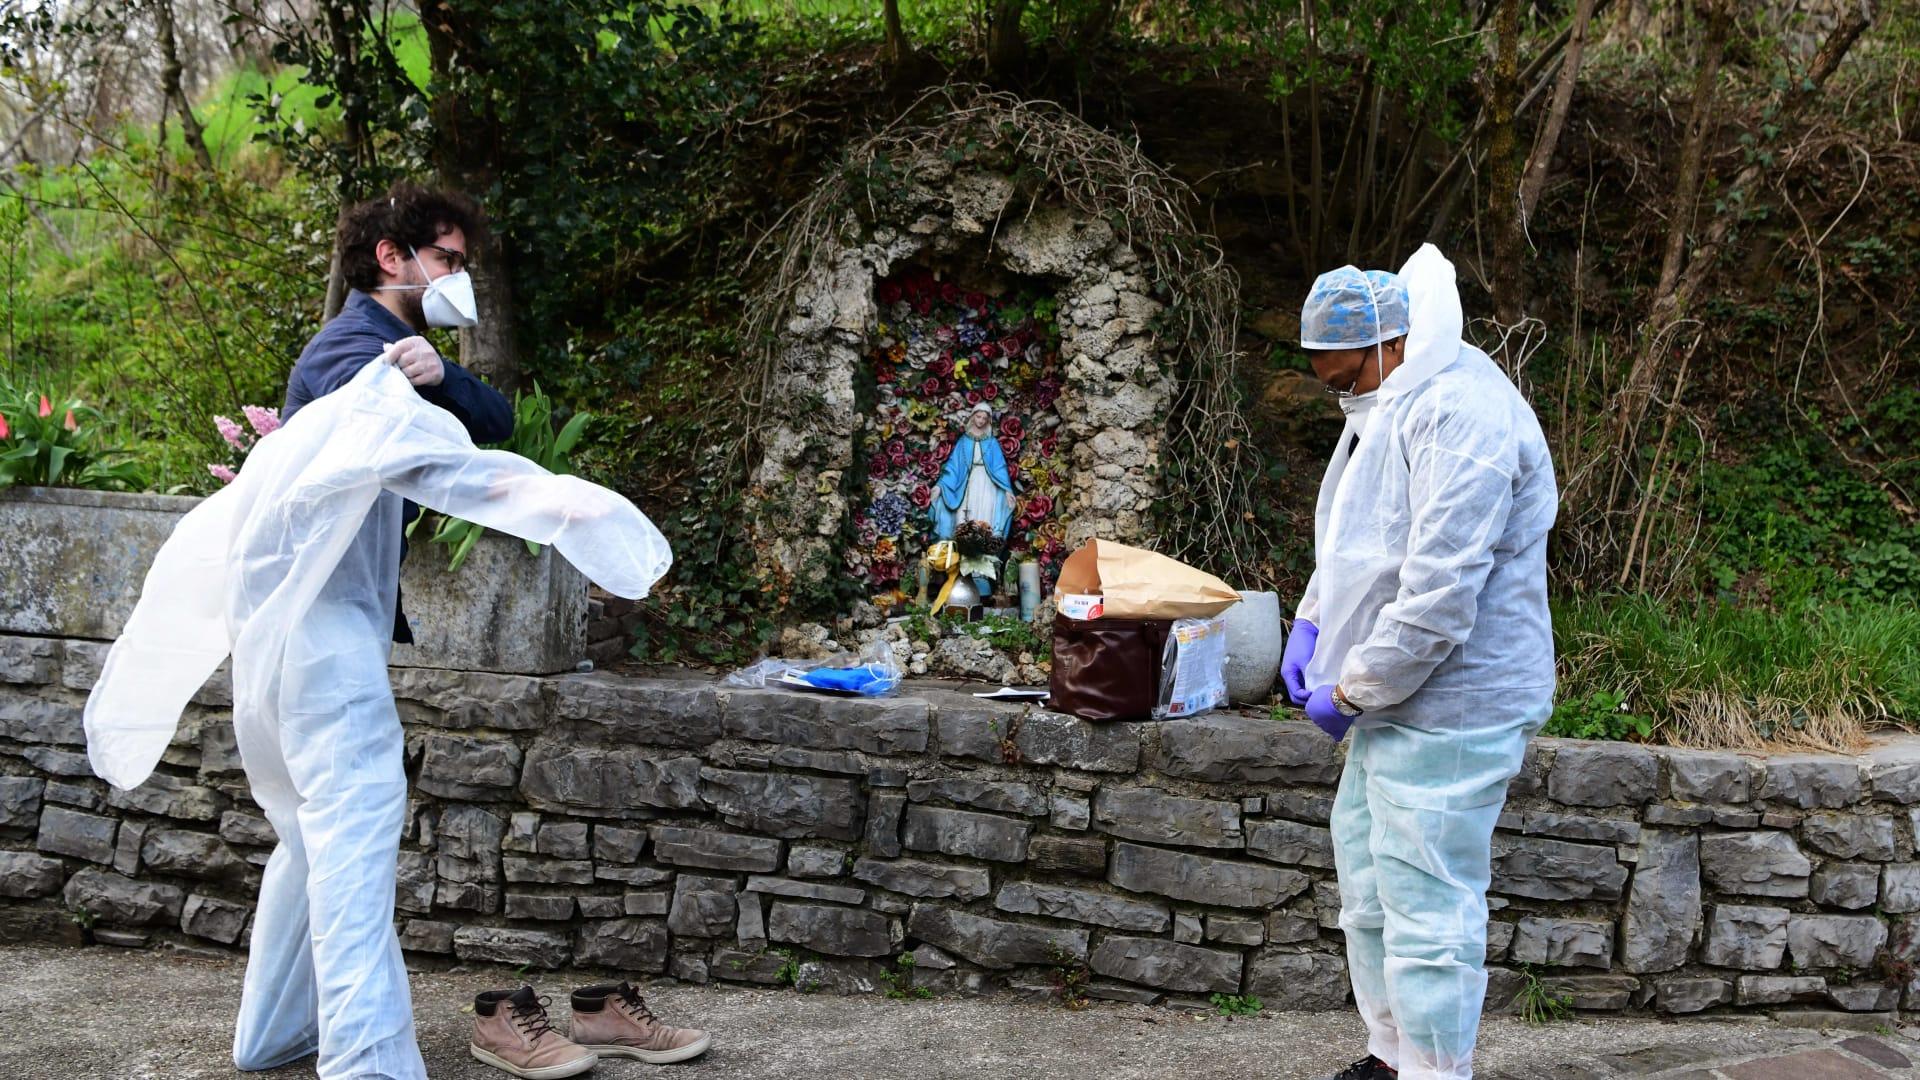 """لا يمكنهم القيام بـ""""الوداع الأخير"""" هذا حال الموتى جراء فيروس كورونا المستجد في إيطاليا"""